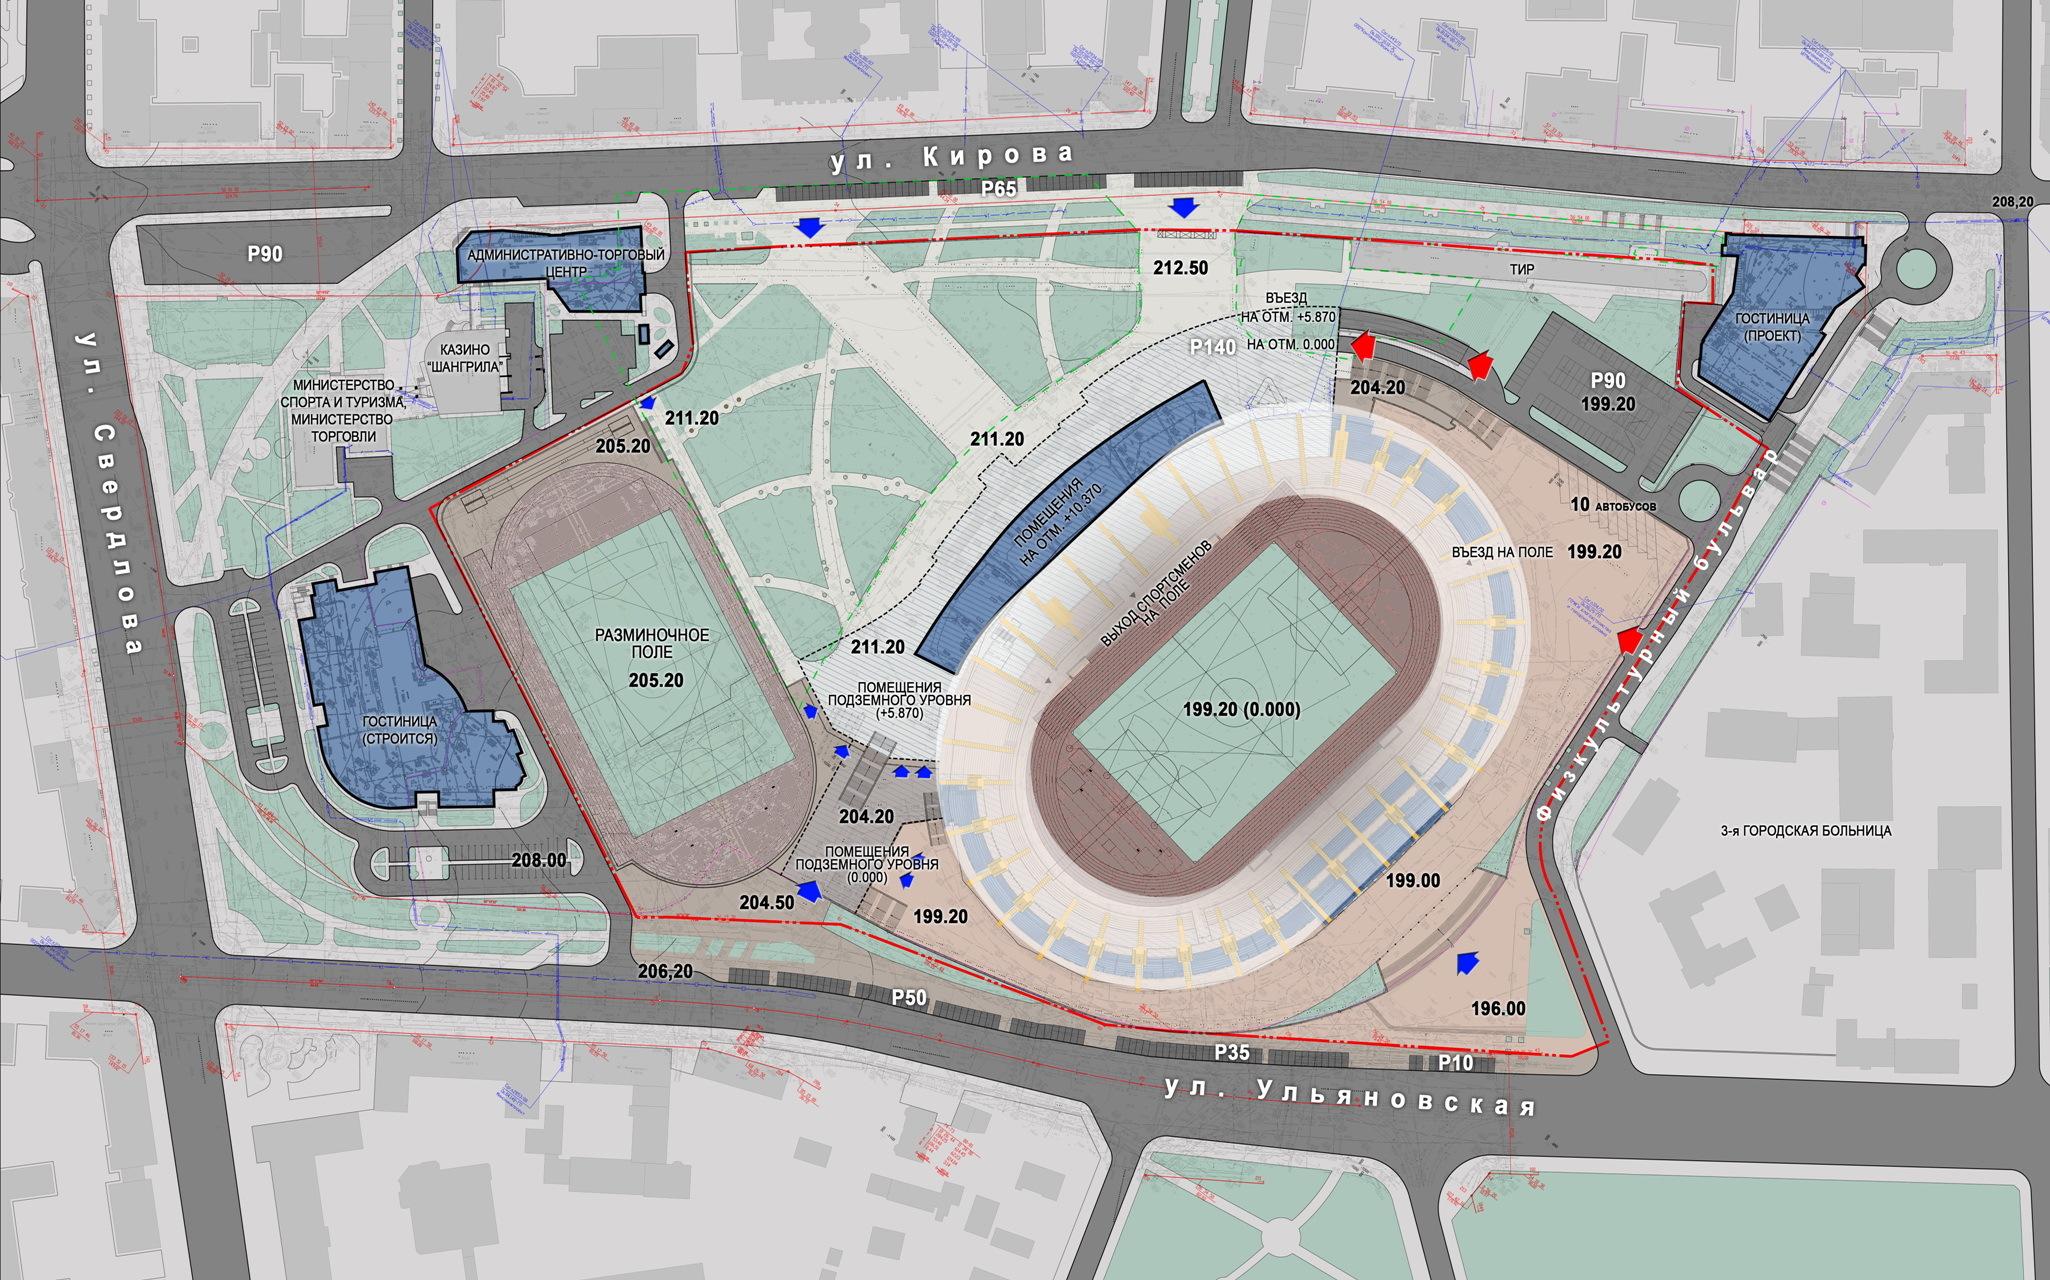 Схема стадиона динамо минск фото 340